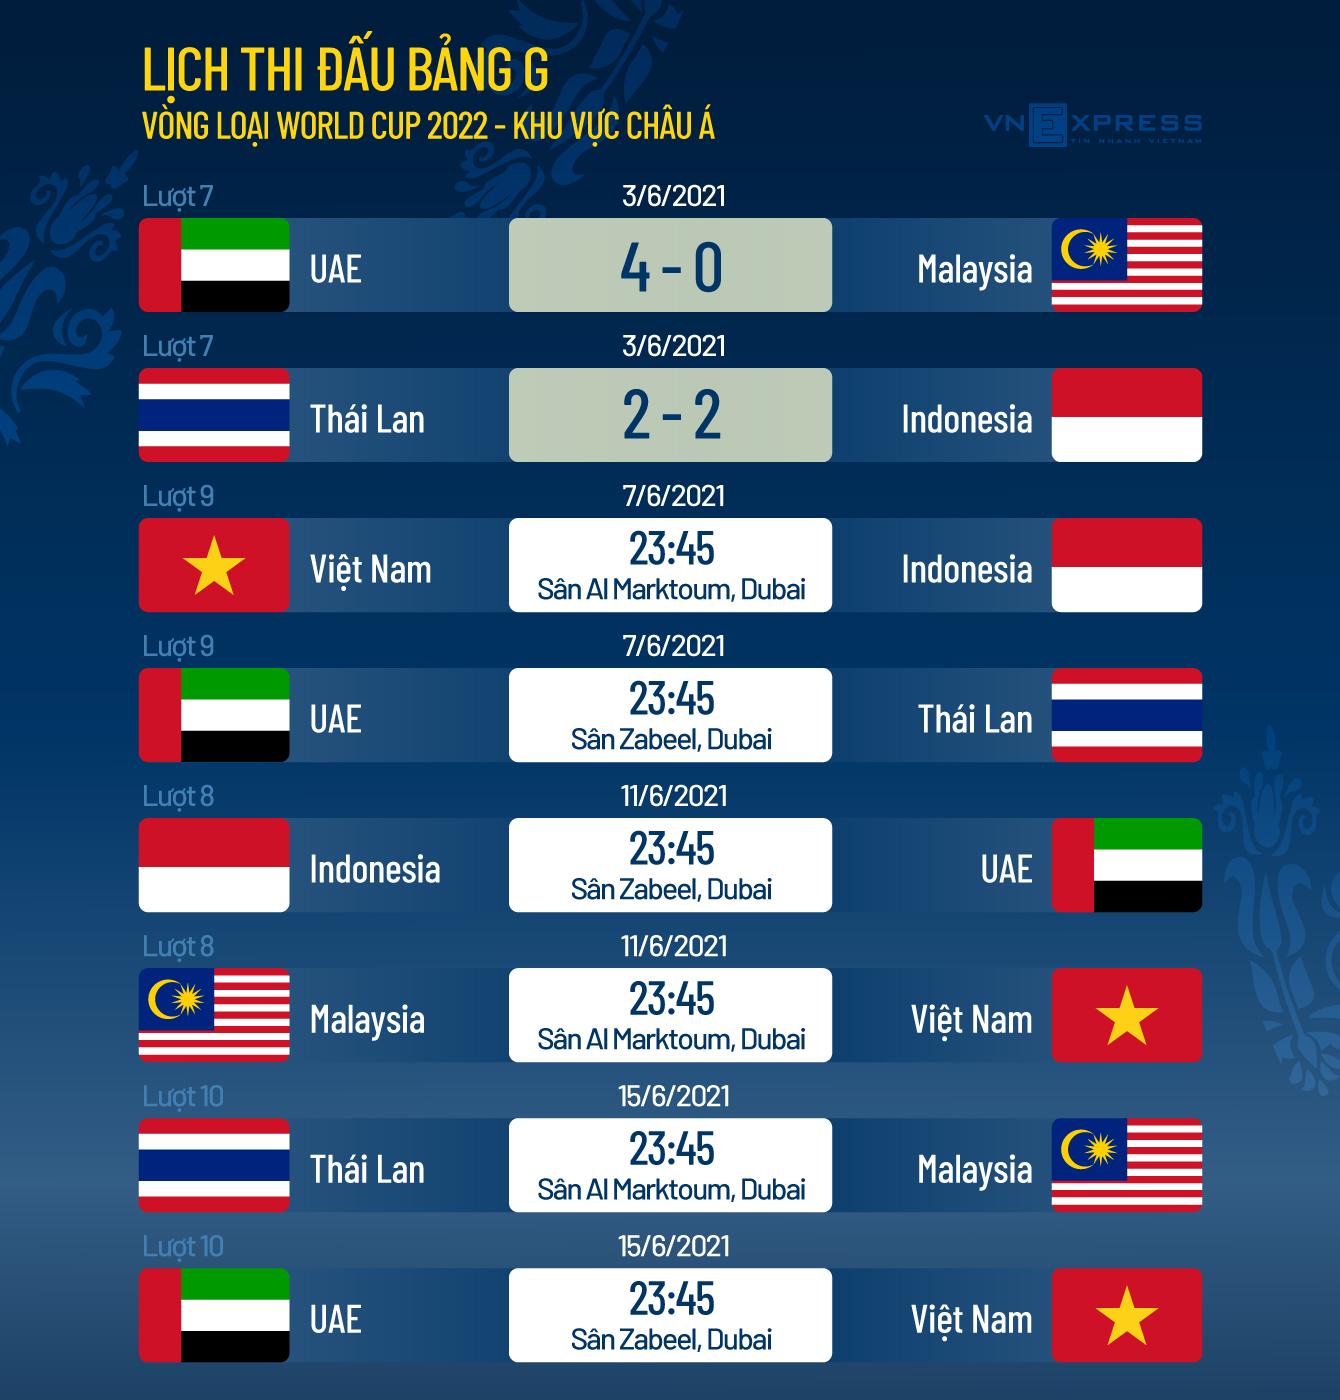 HLV Malaysia: Chúng tôi sẽ chơi tốt hơn nhiều trước Việt Nam - 2